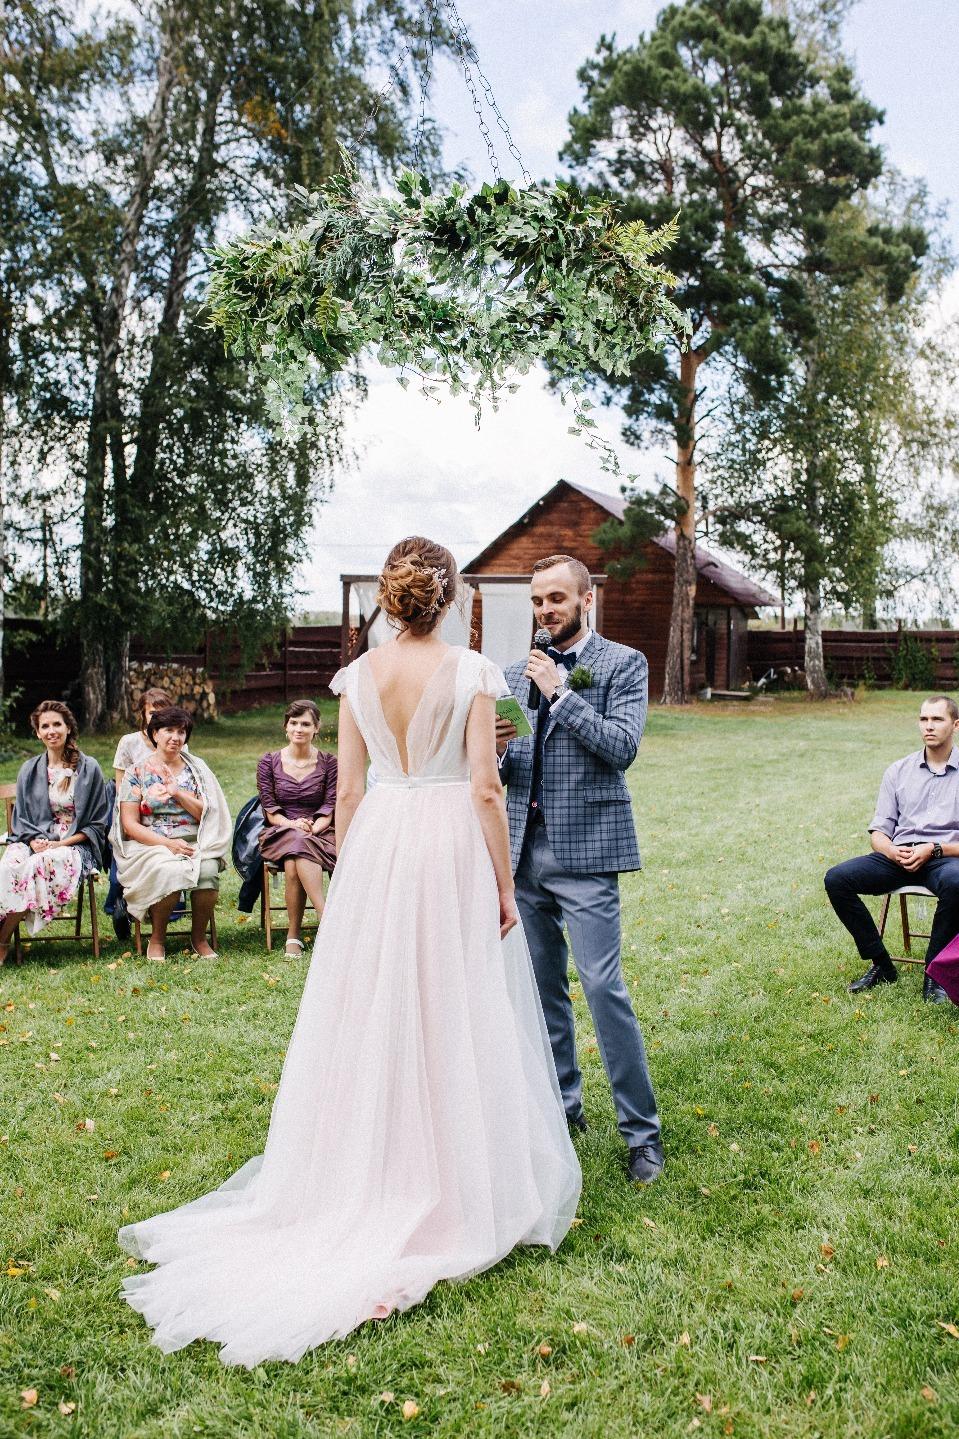 Natural style: загородная свадьба в эко-тематике